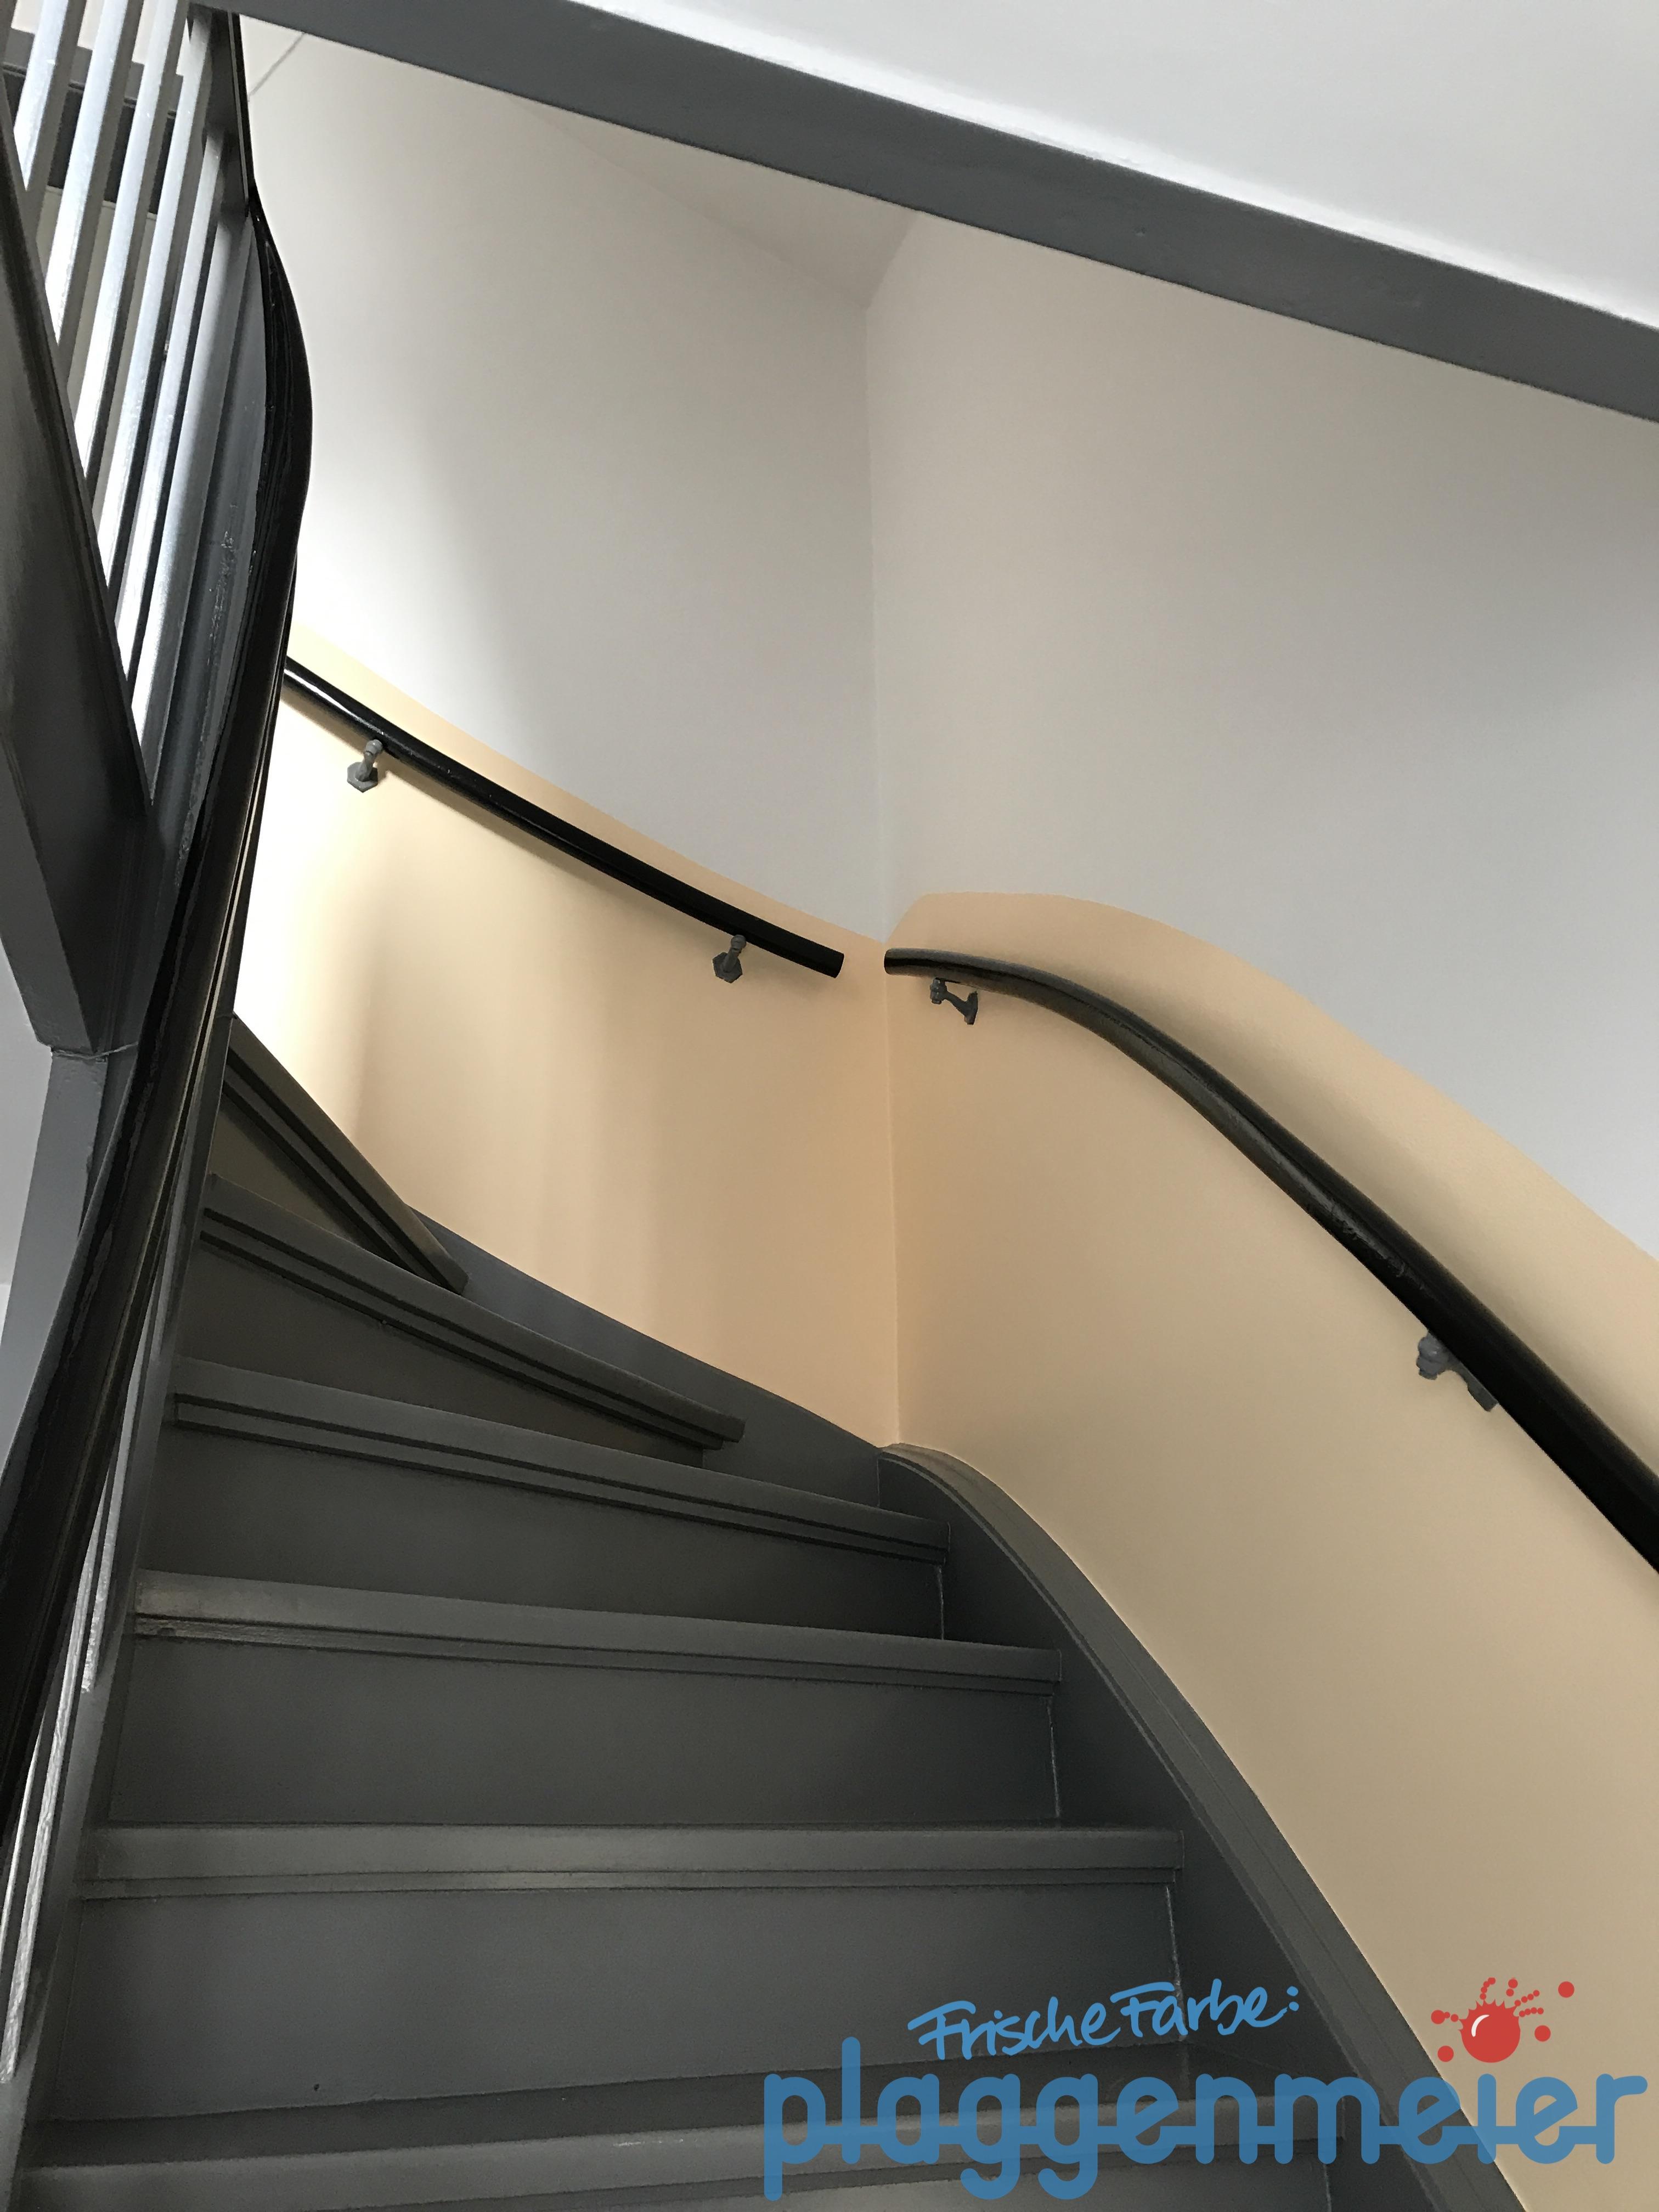 Renovierung eines Treppenhauses abgeschlossen: Malerarbeiten und Lackierarbeiten fertig. Wir rücken ab.